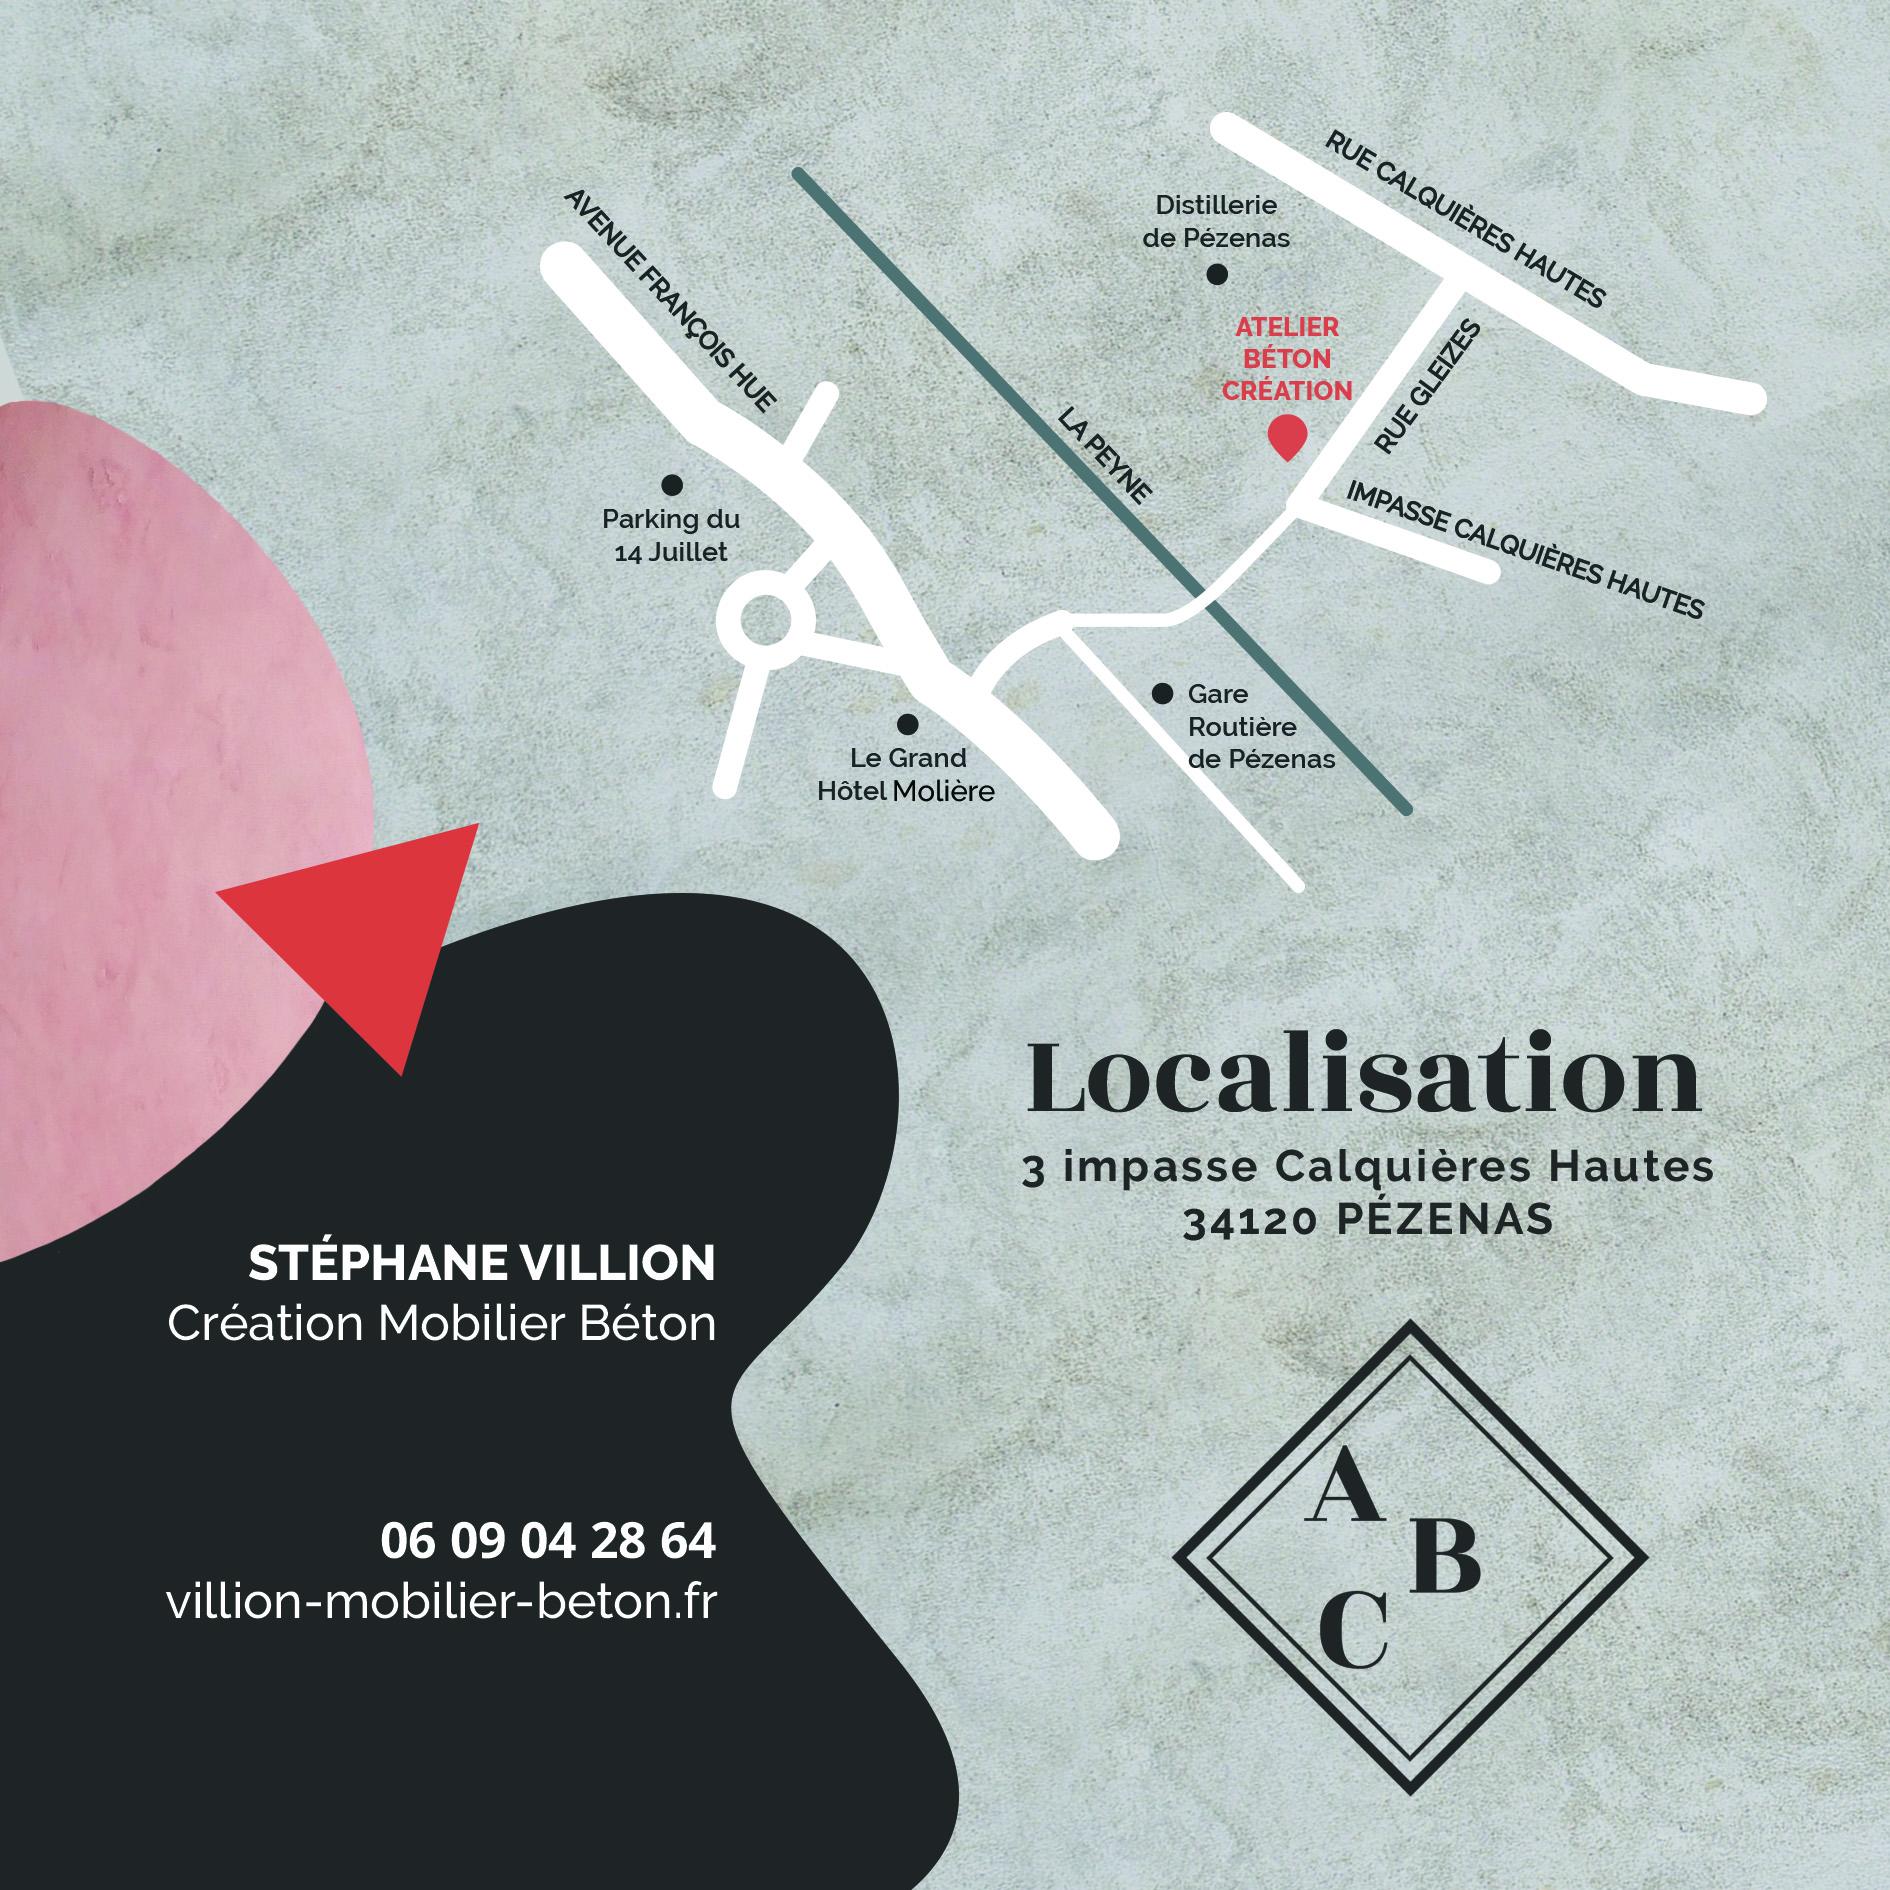 Villion-Mobilier-Béton